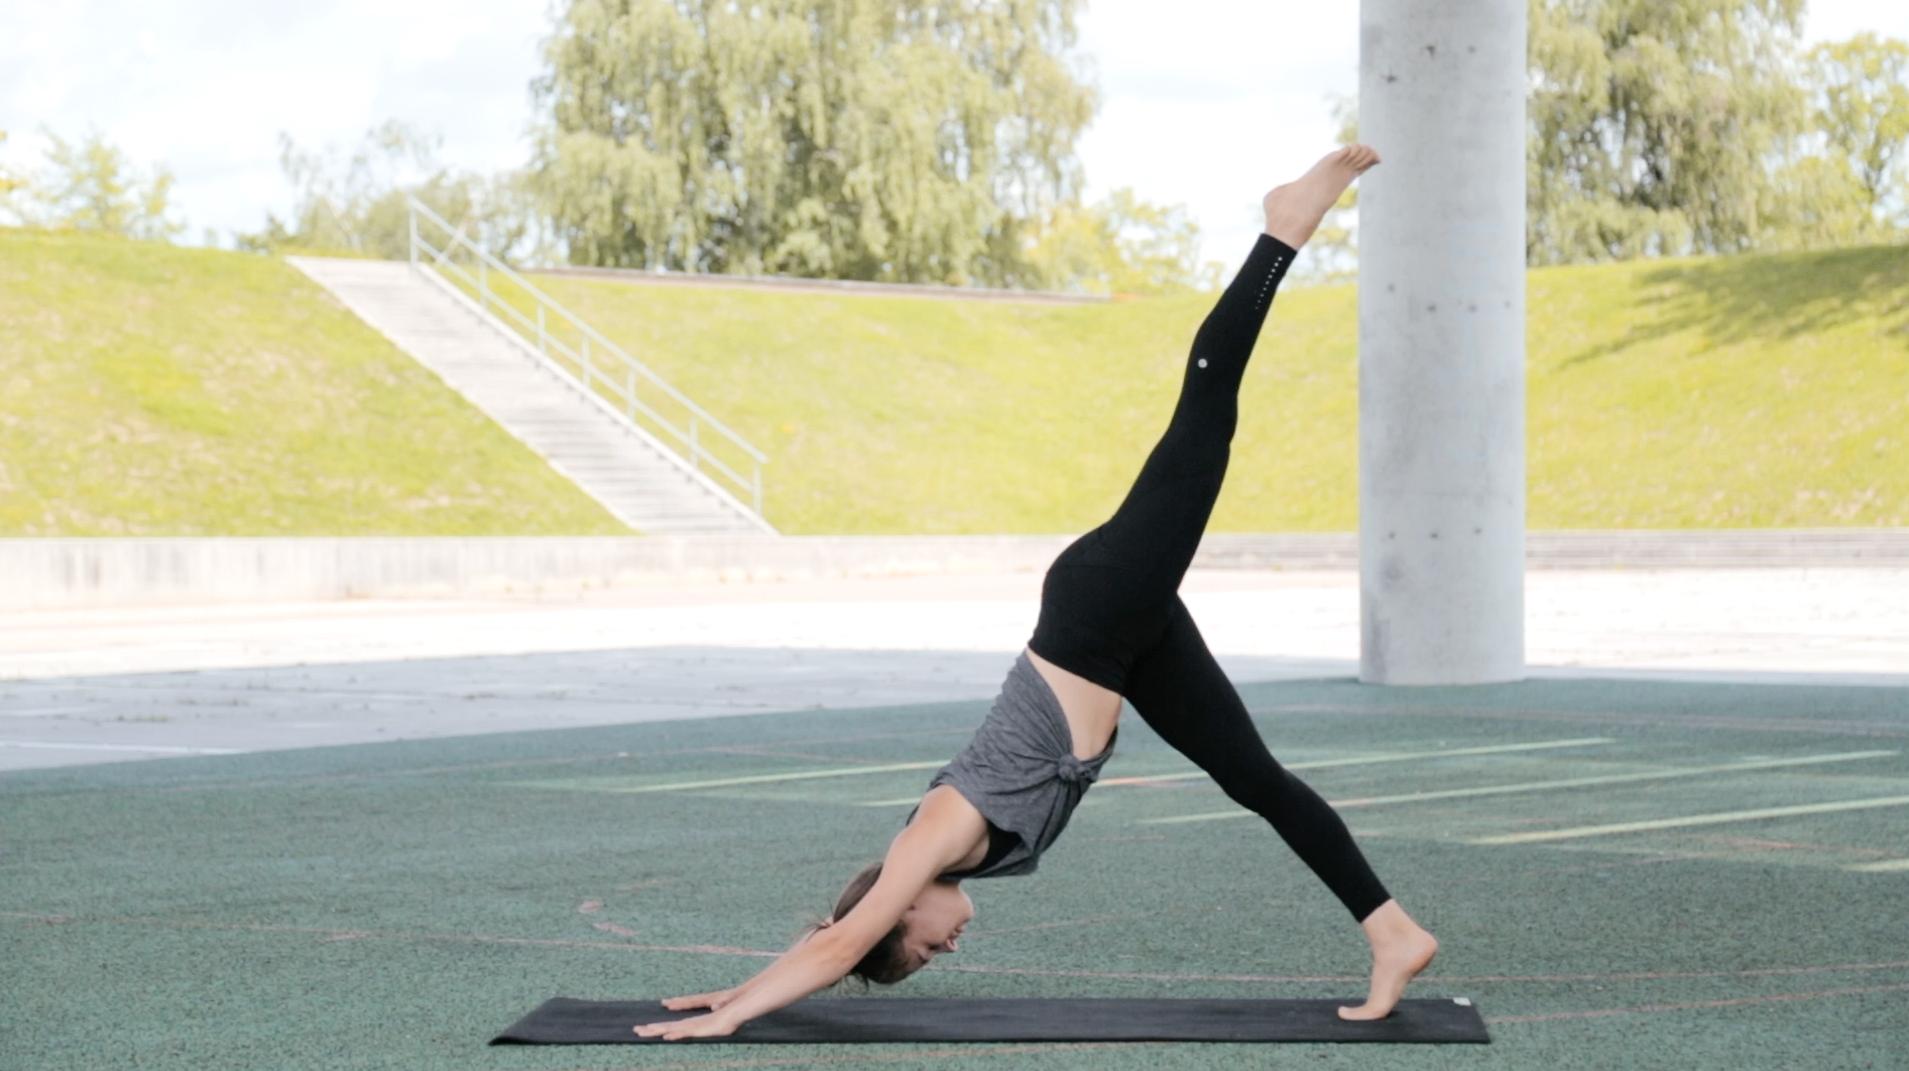 Mady-Morrison-yoga-Warrior-Flow-00015